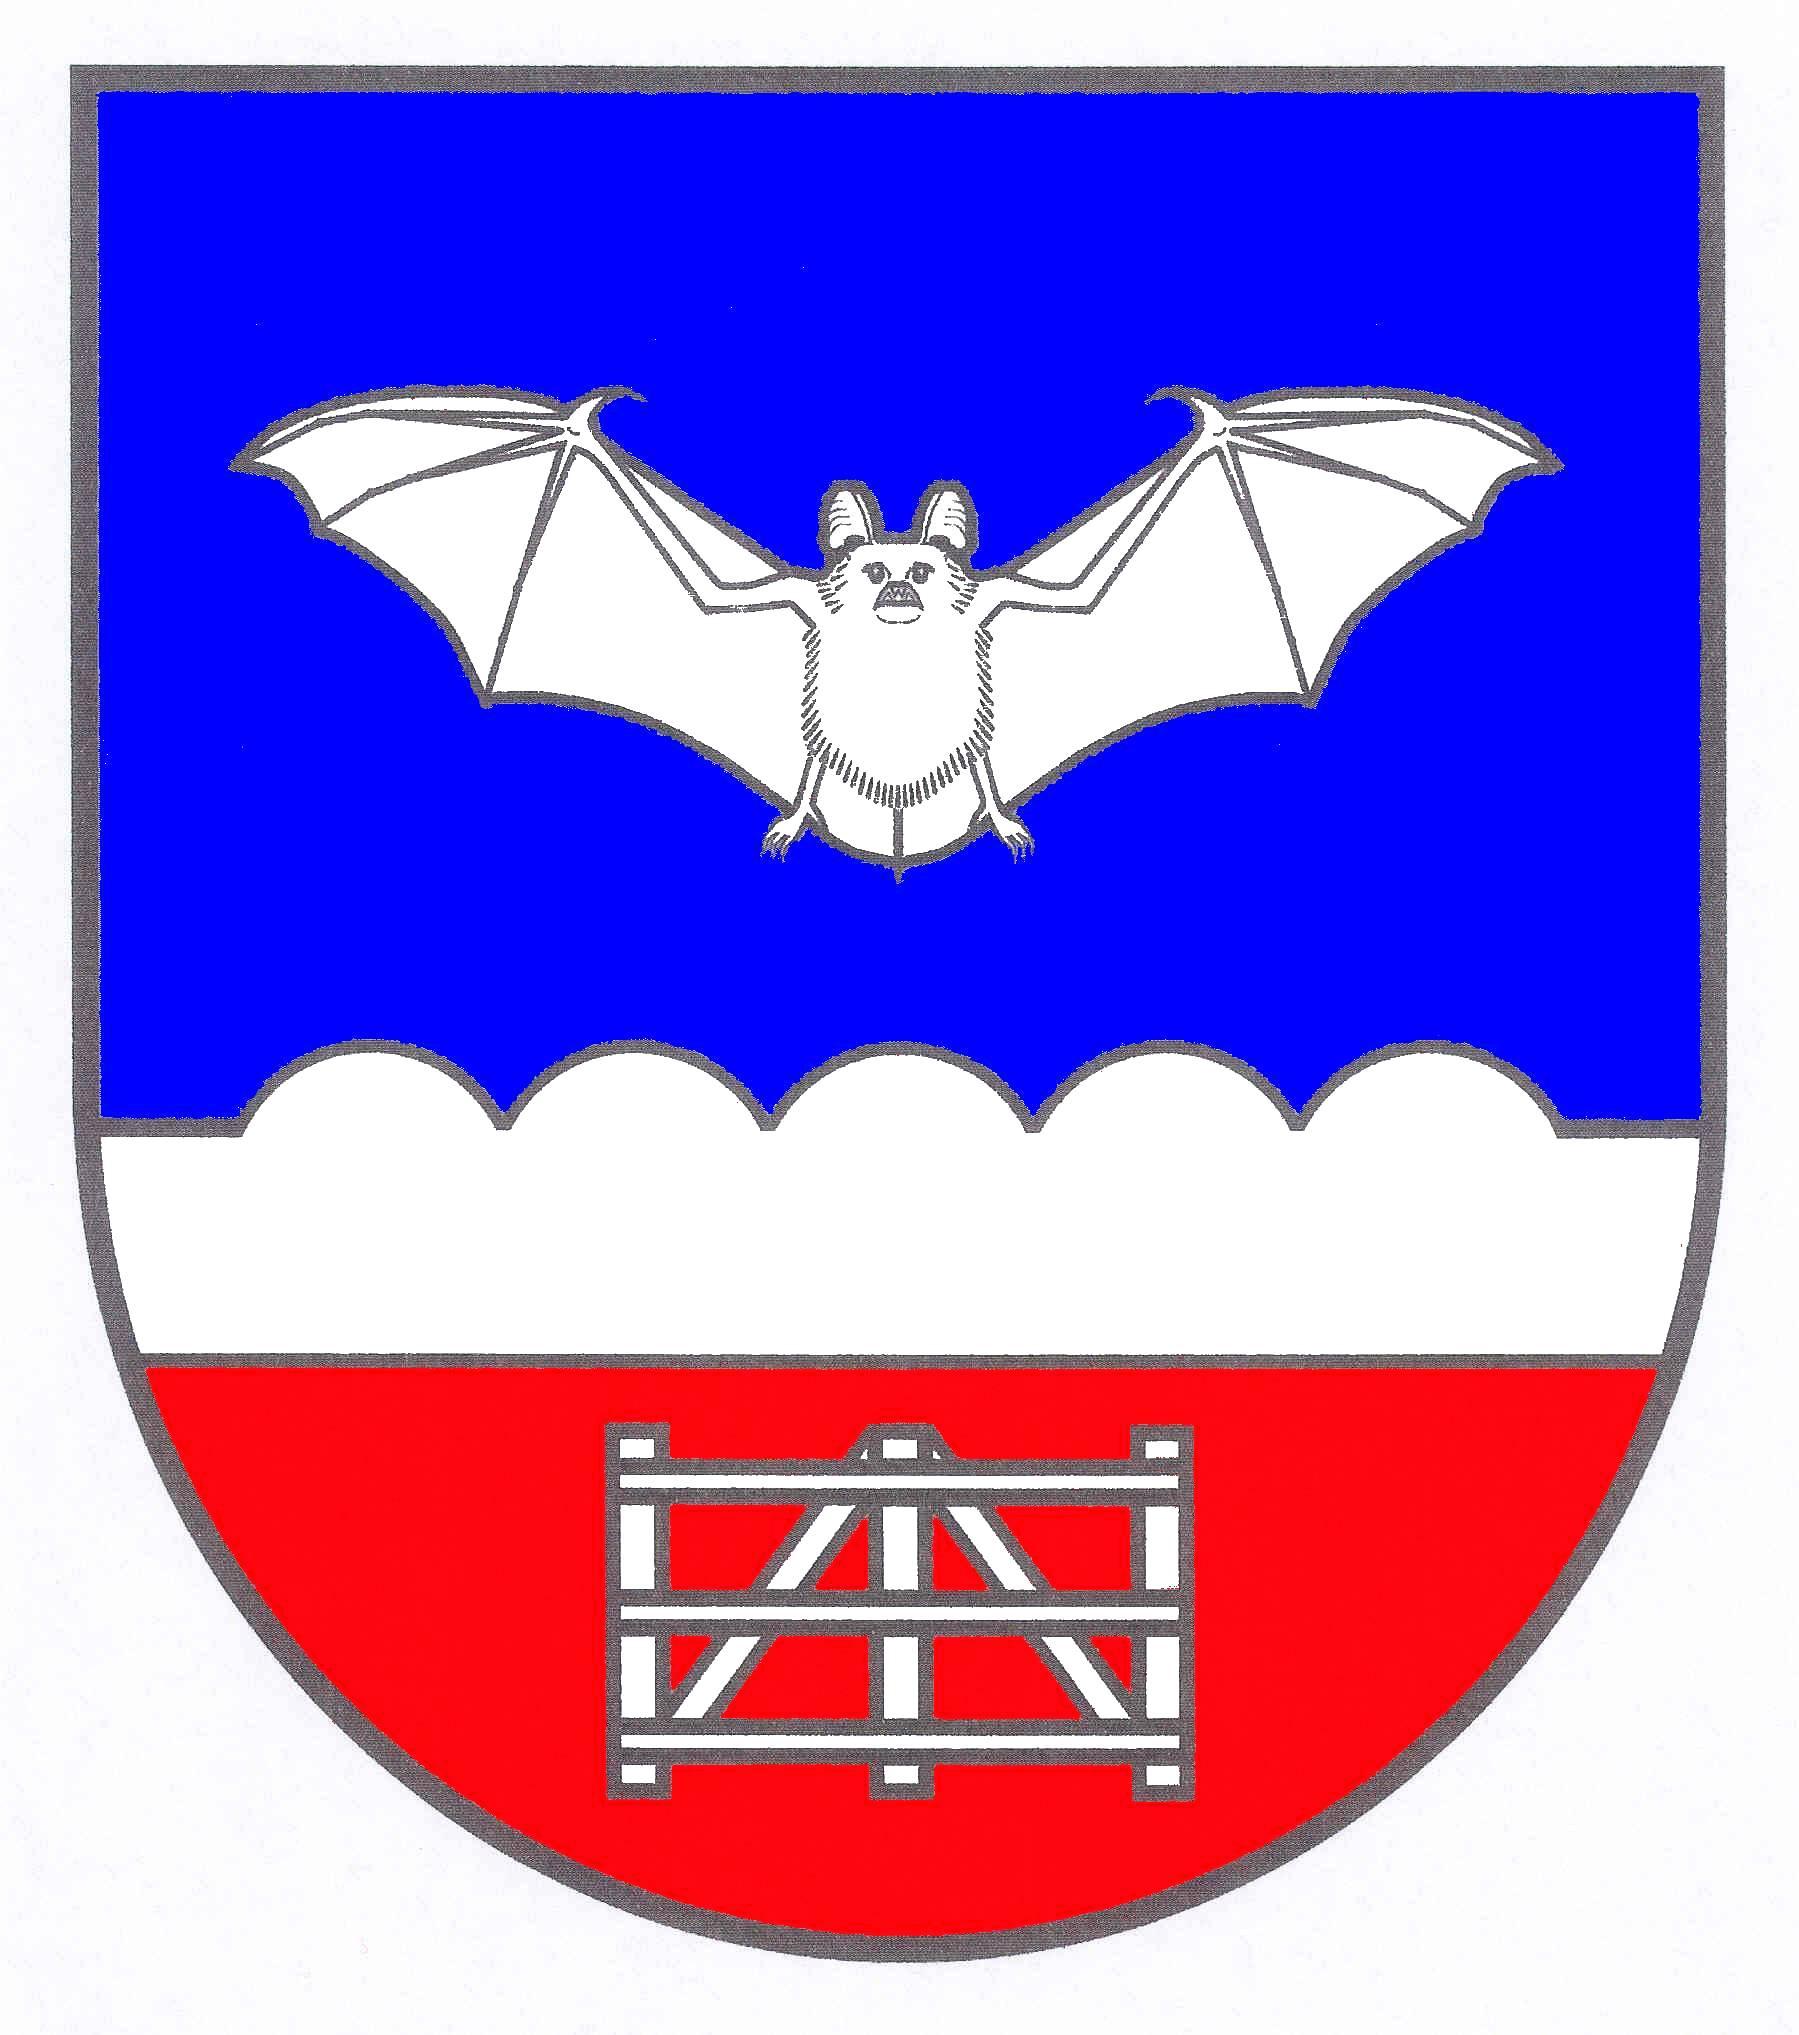 Wappen GemeindeFiefbergen, Kreis Plön